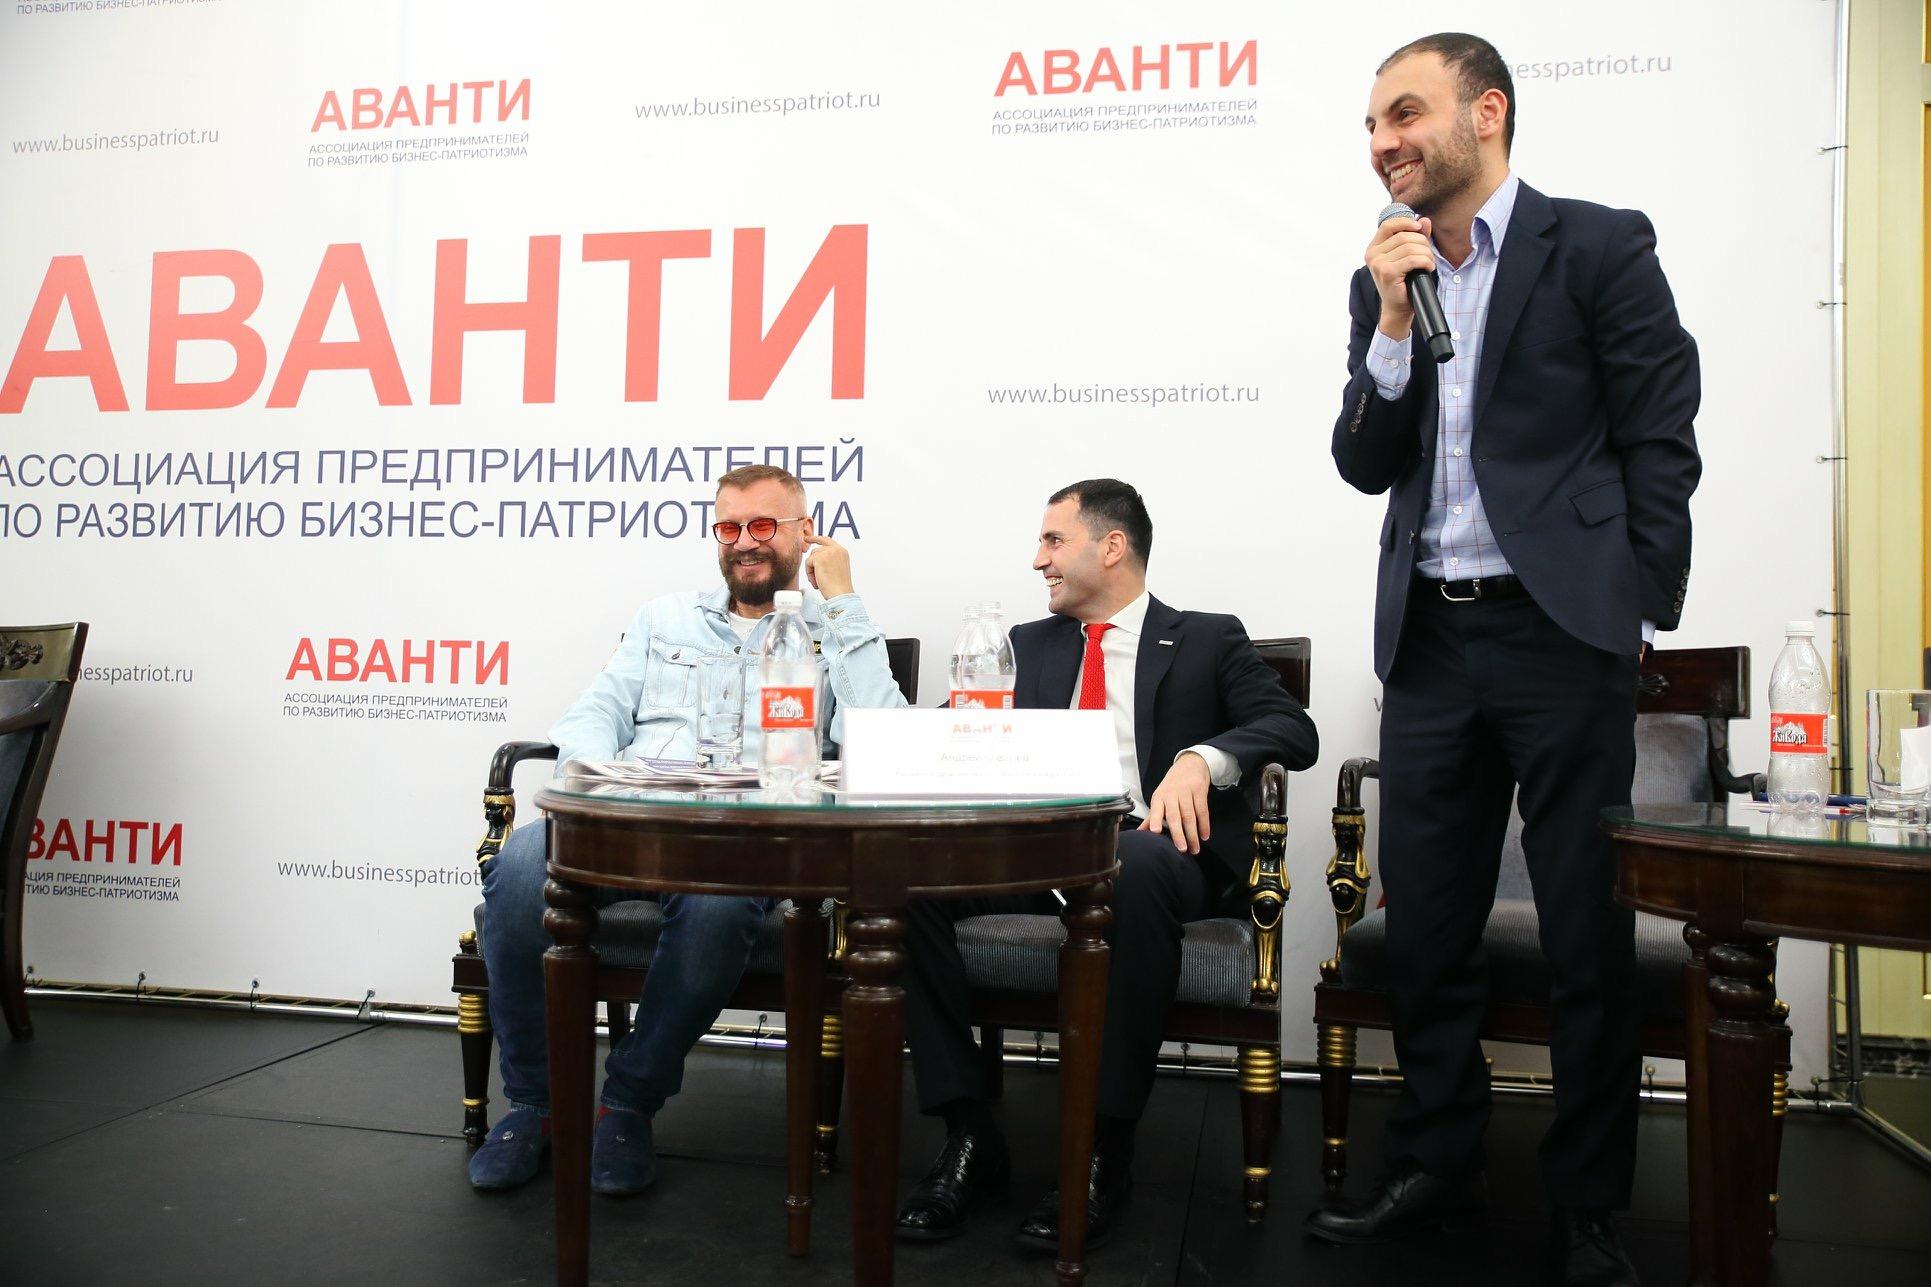 Ассоциация АВАНТИ